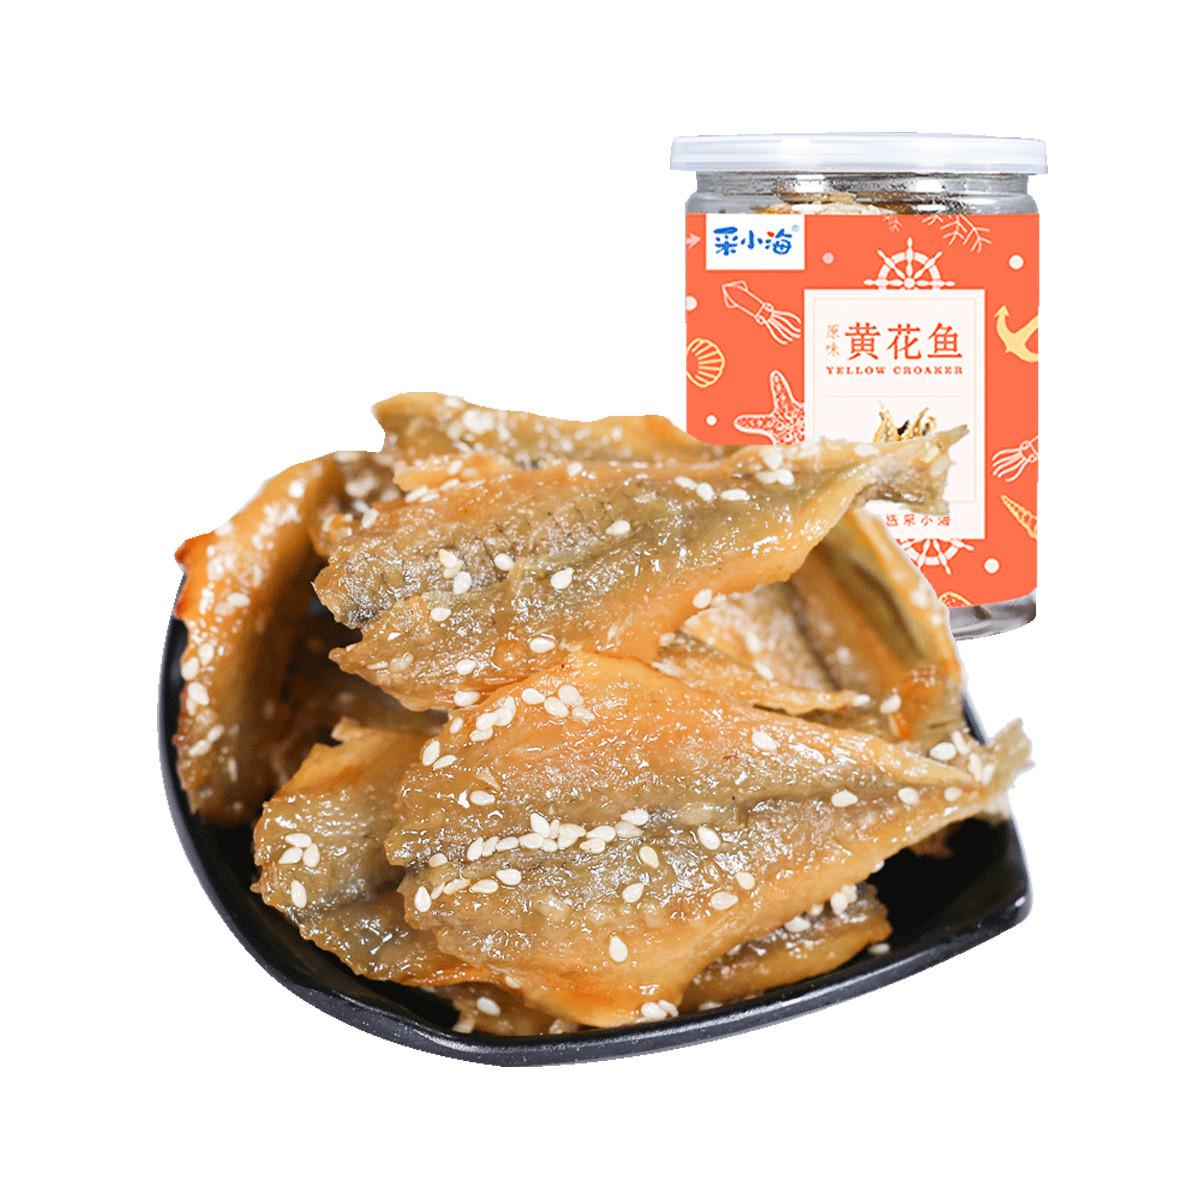 采小海原味黄花鱼128g罐装海味小鱼干开罐即食休闲小吃特产鱼味零食COLOR原味黄花鱼